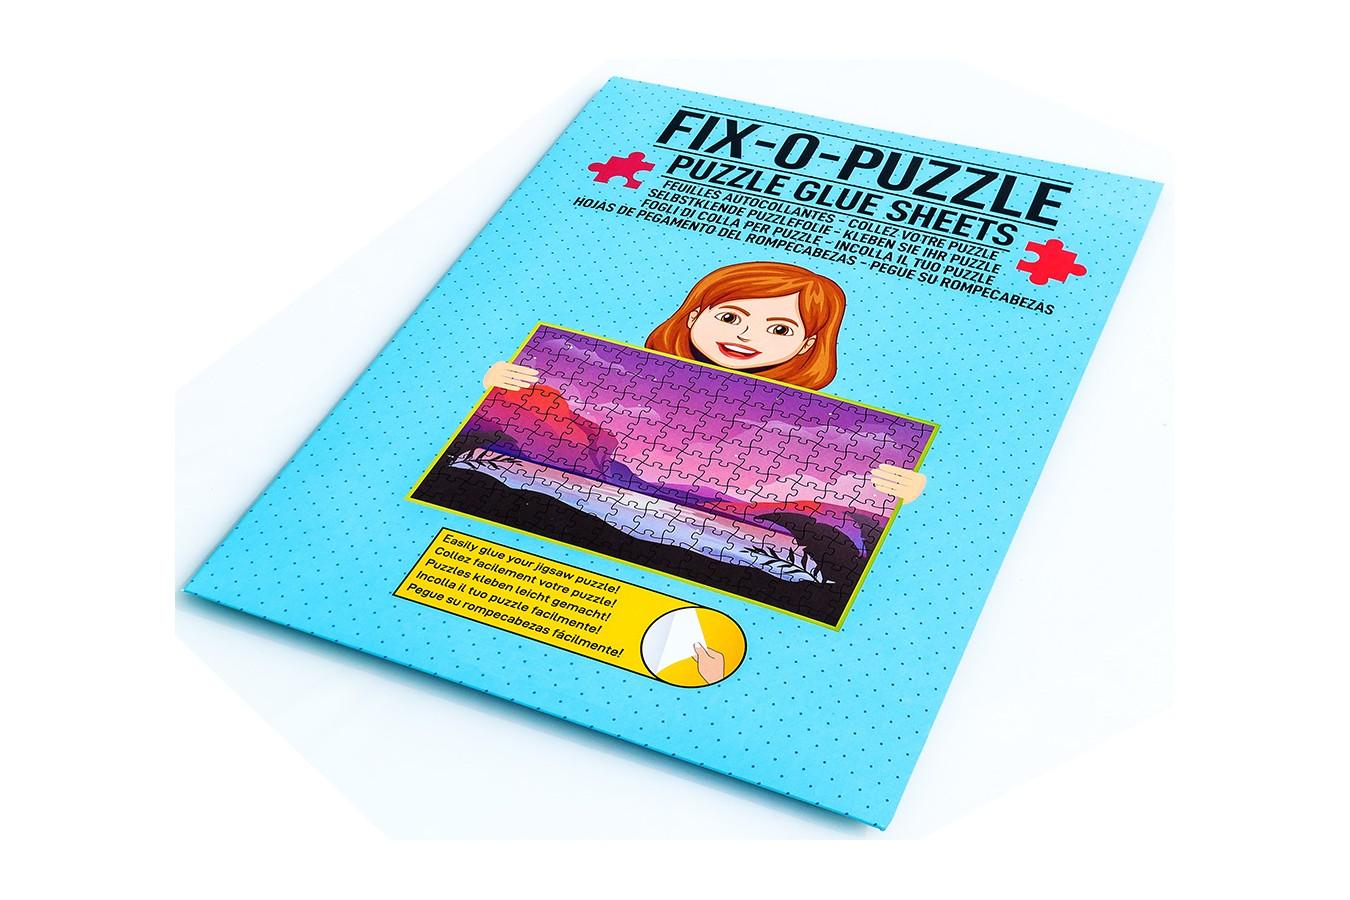 Folie pentru lipit puzzle, alba (WLP-1000) imagine